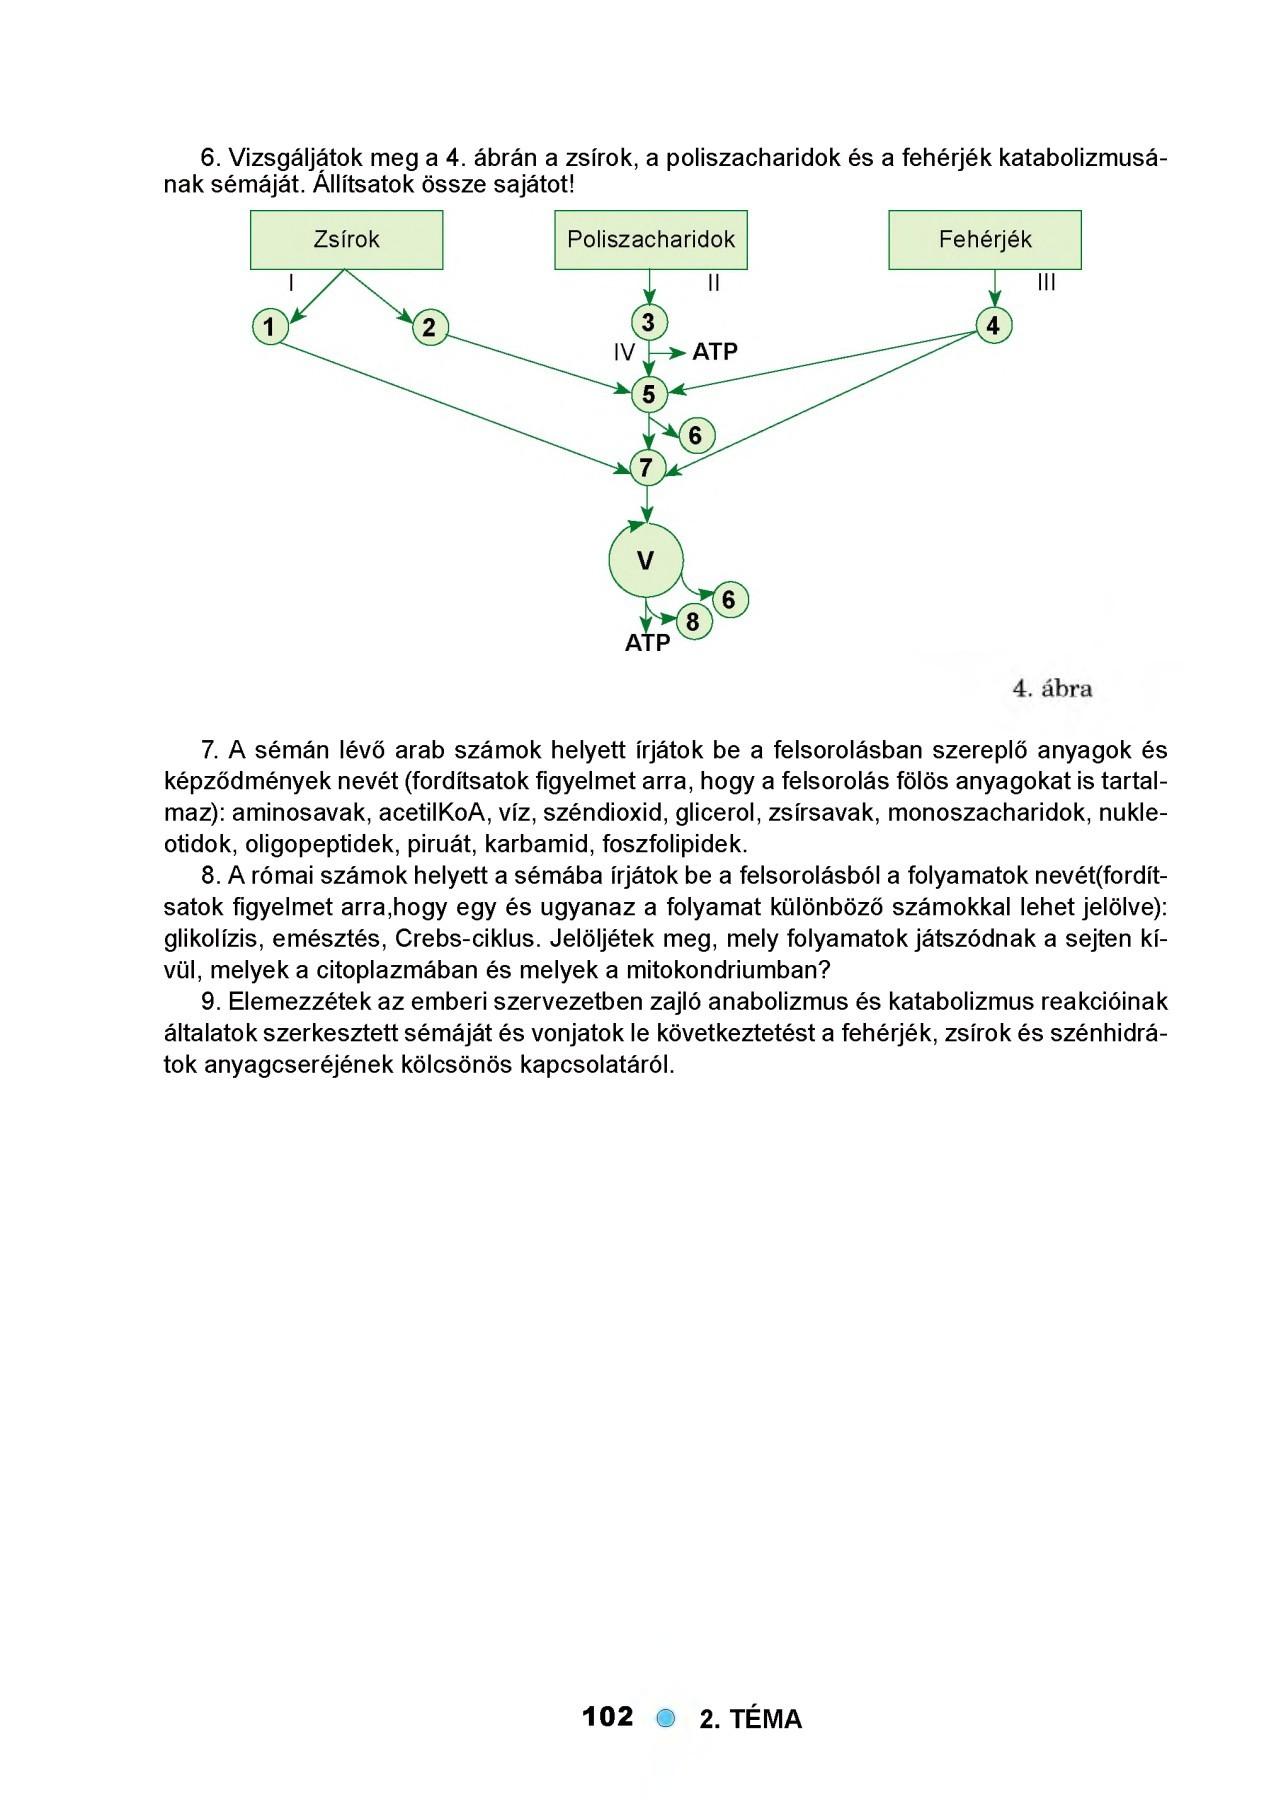 Humán genom